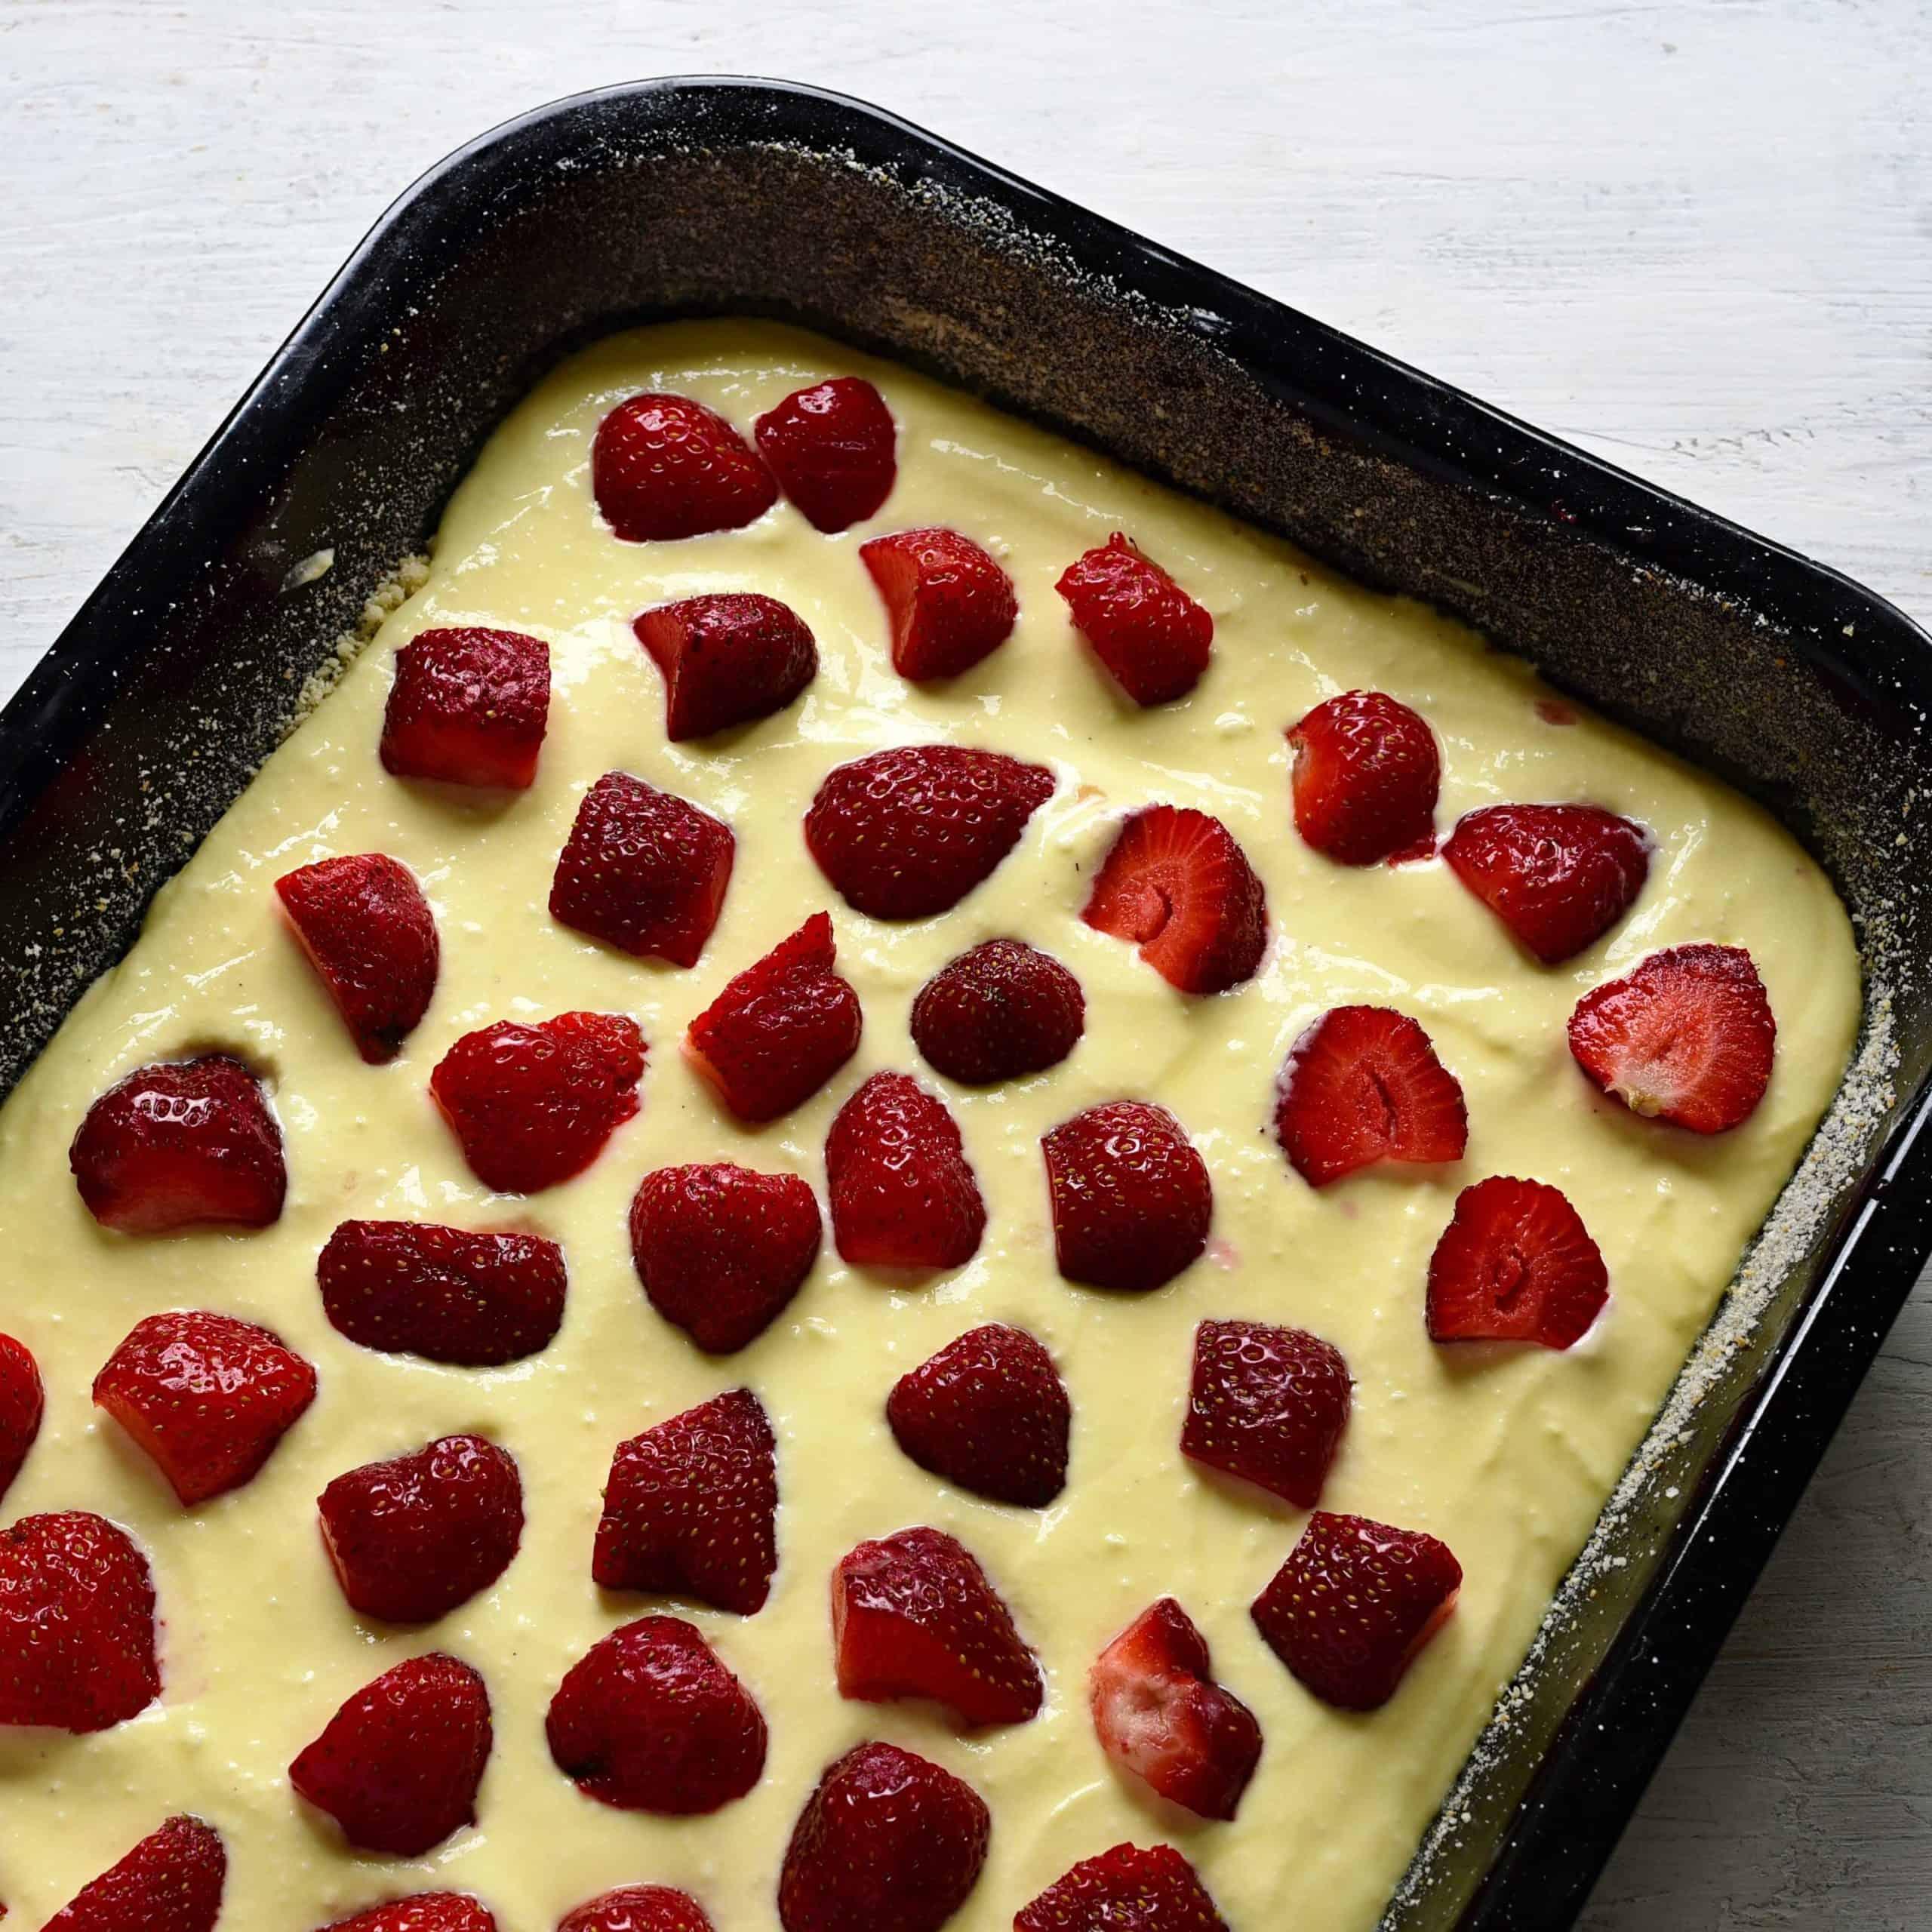 kuchen mit erdbeeren bedecken